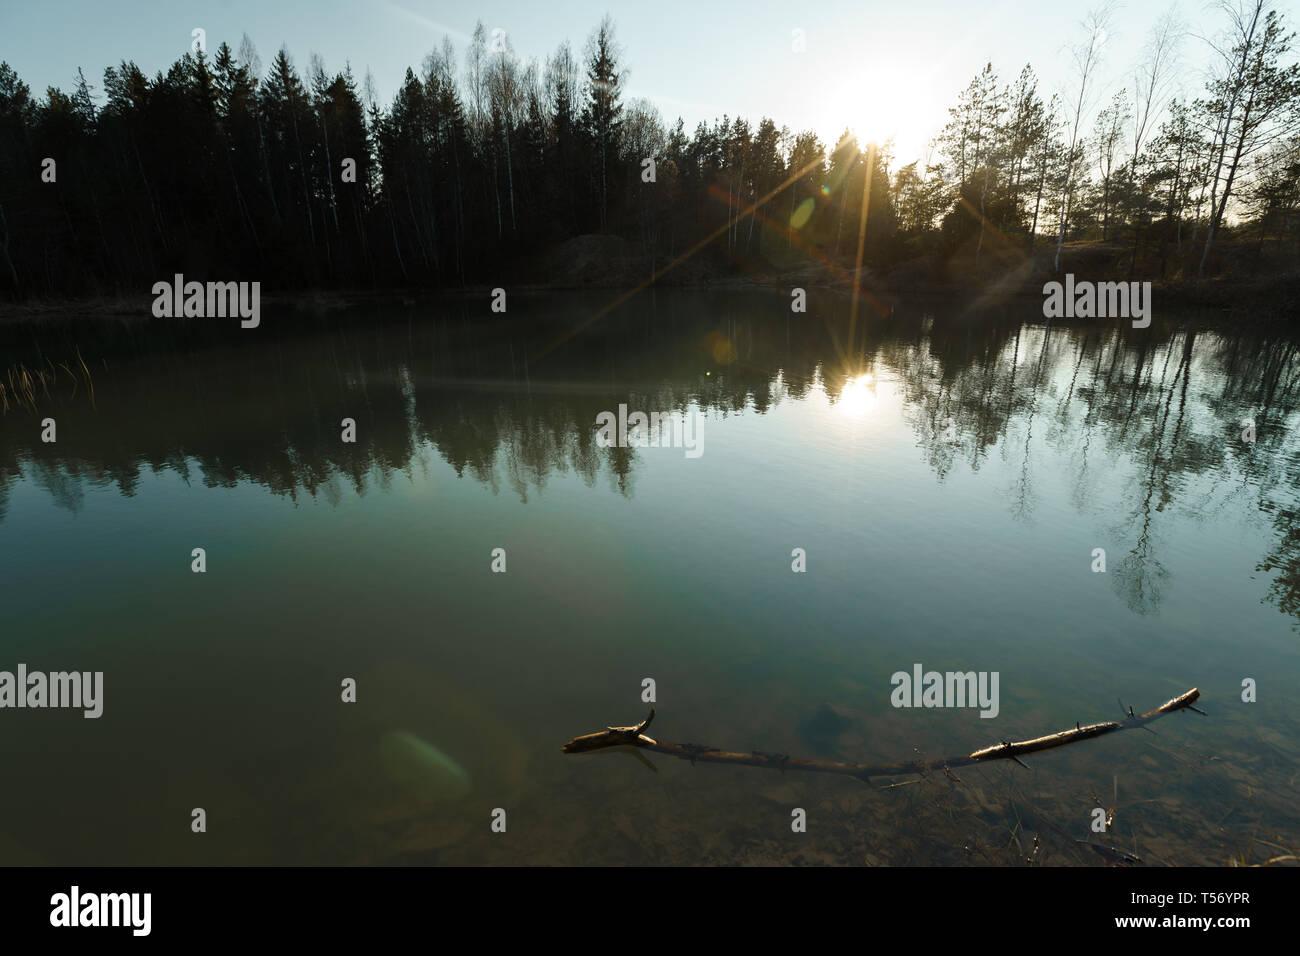 Hermoso lago Turquesa en Letonia - estilo Meditirenian colores en Estados bálticos - Lackroga ezers Foto de stock